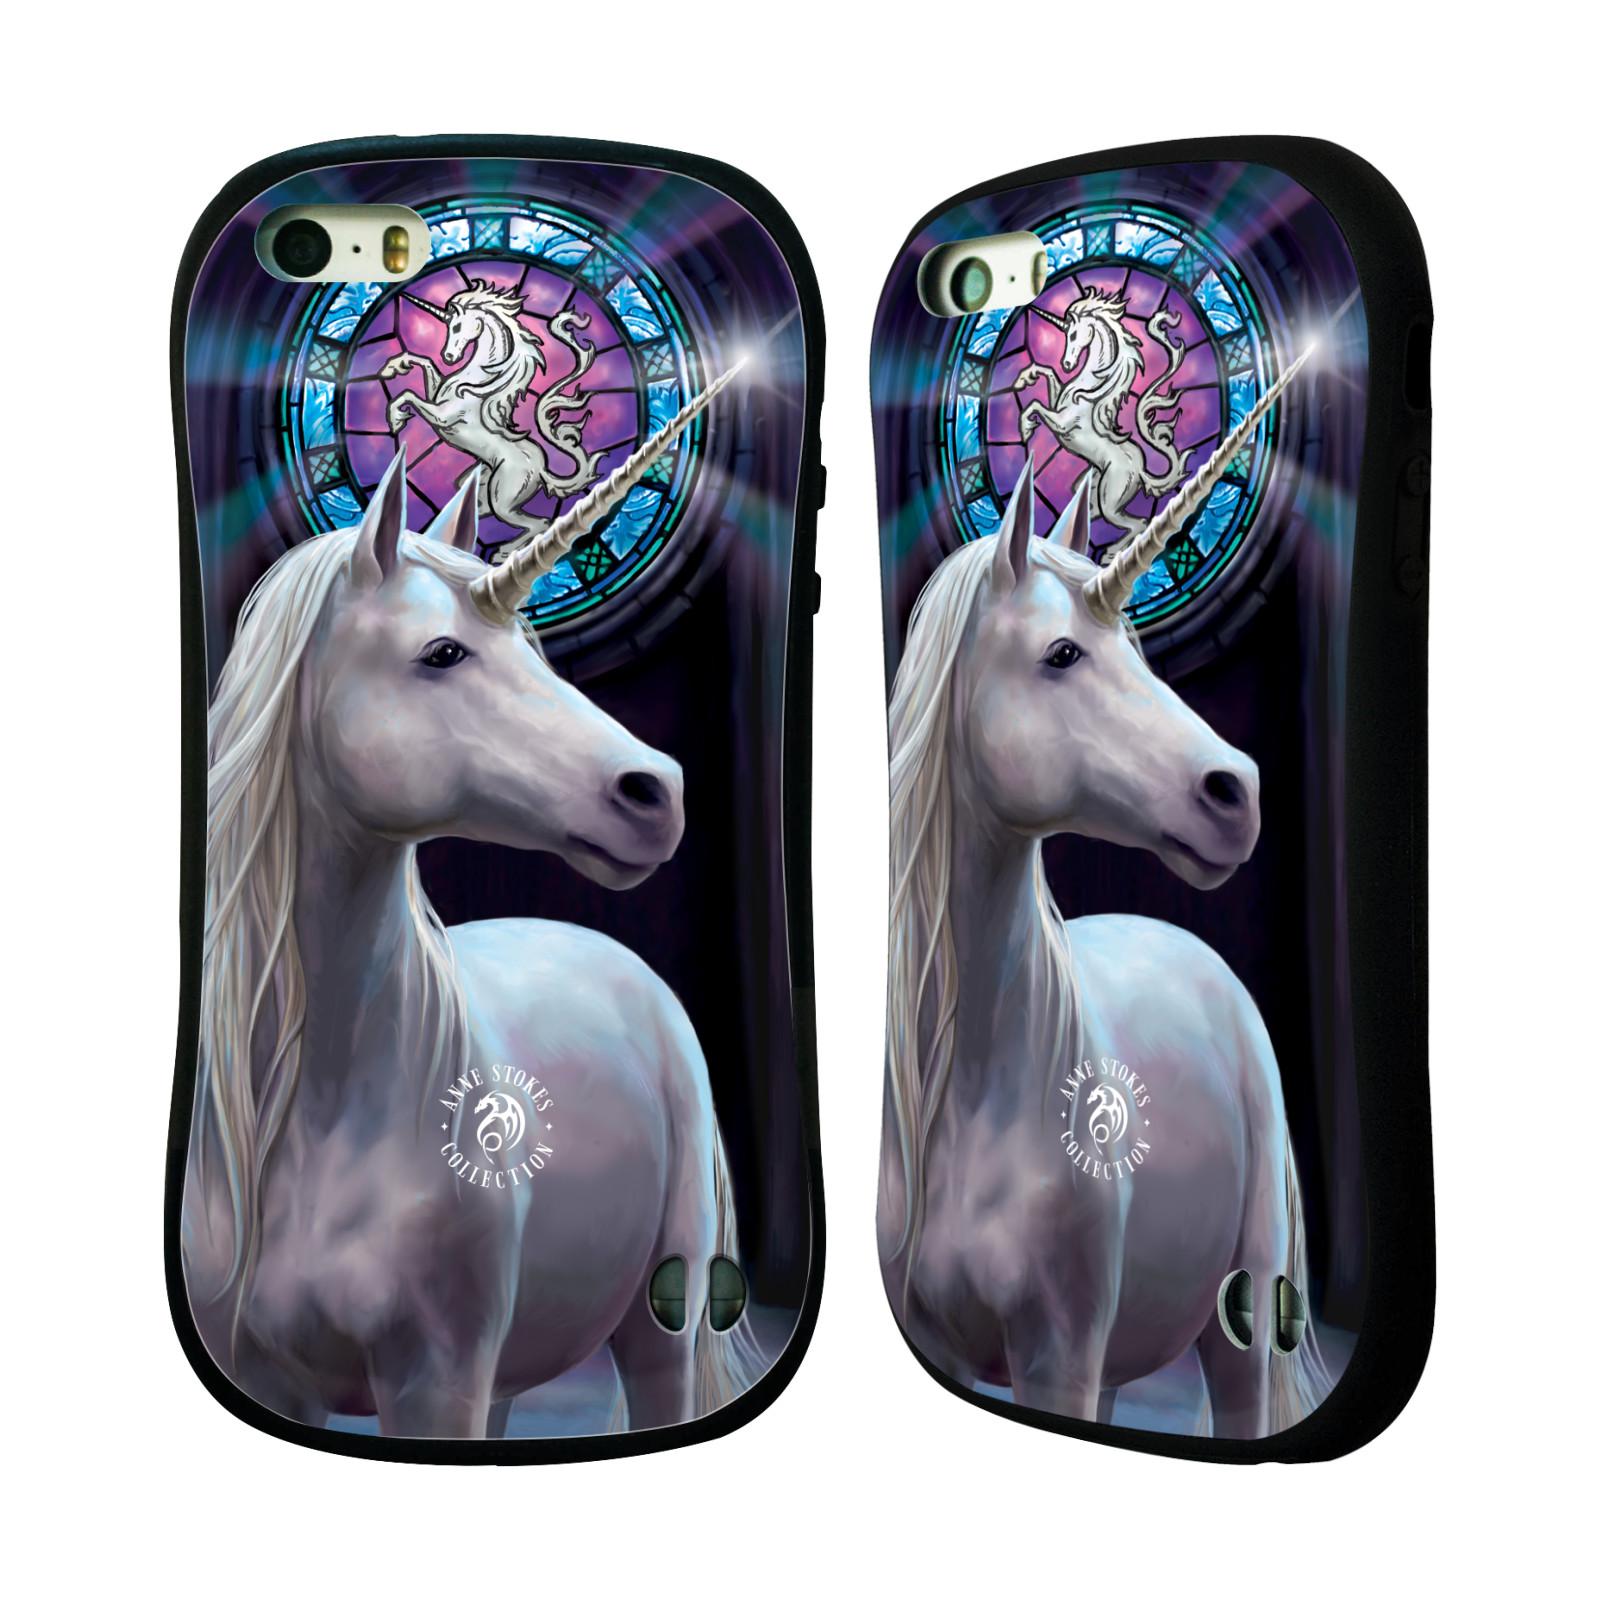 HEAD CASE silikon plast odolný obal na mobil Apple Iphone 5   5S Anne  Stokes kůň bílý jednorožec znak mozaika f64fecf2f1b